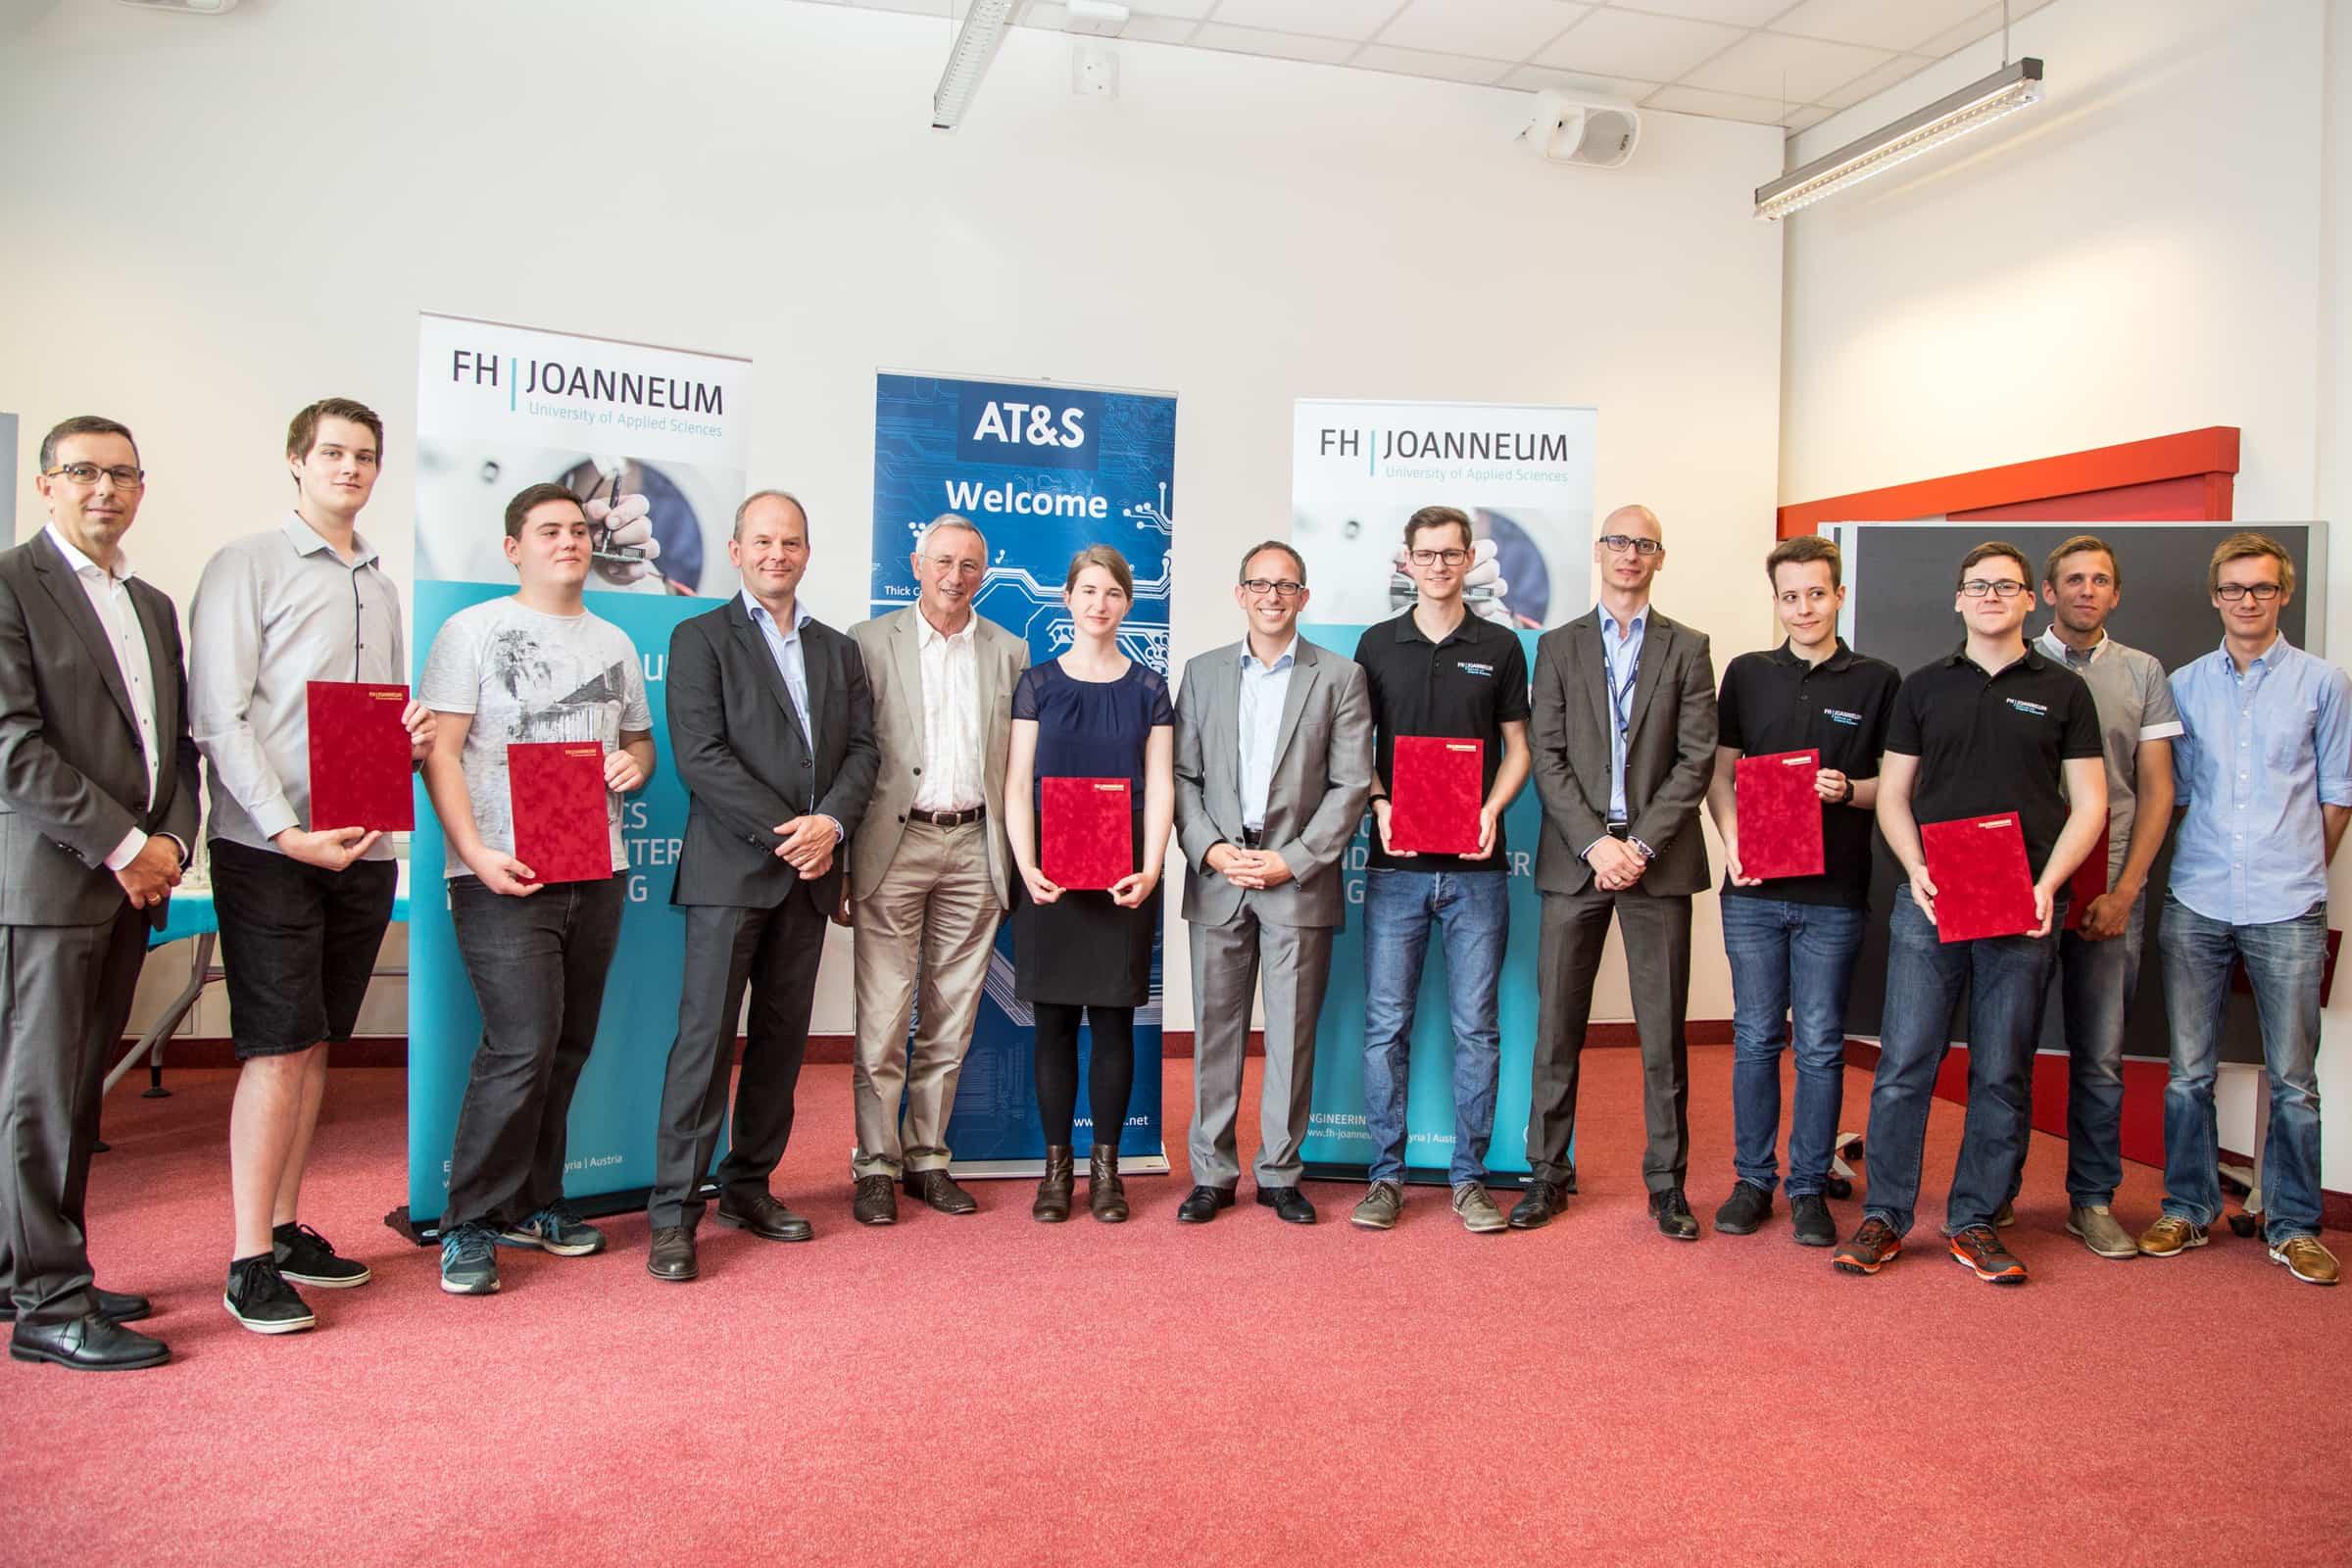 Die Preisträger mit Verantworlichen von AT&S und der FH JOANNEUM